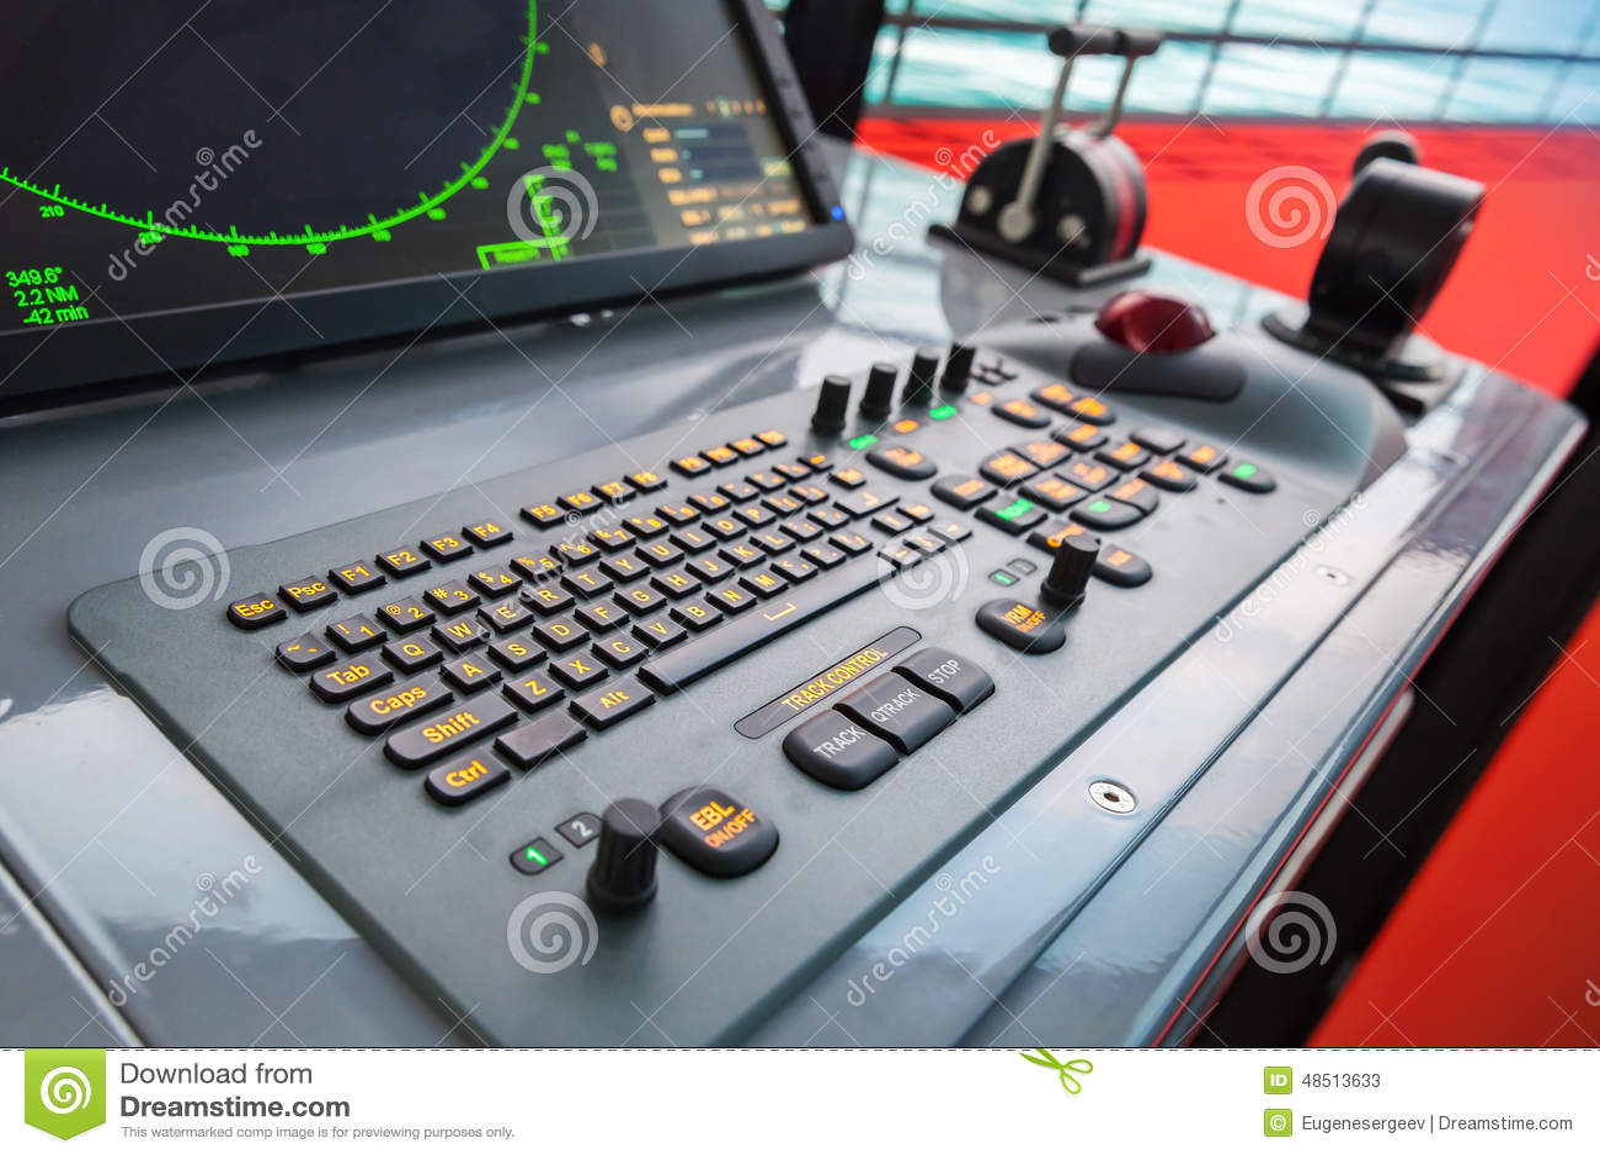 解決方法:鍵盤推薦和功能介紹[圖形]